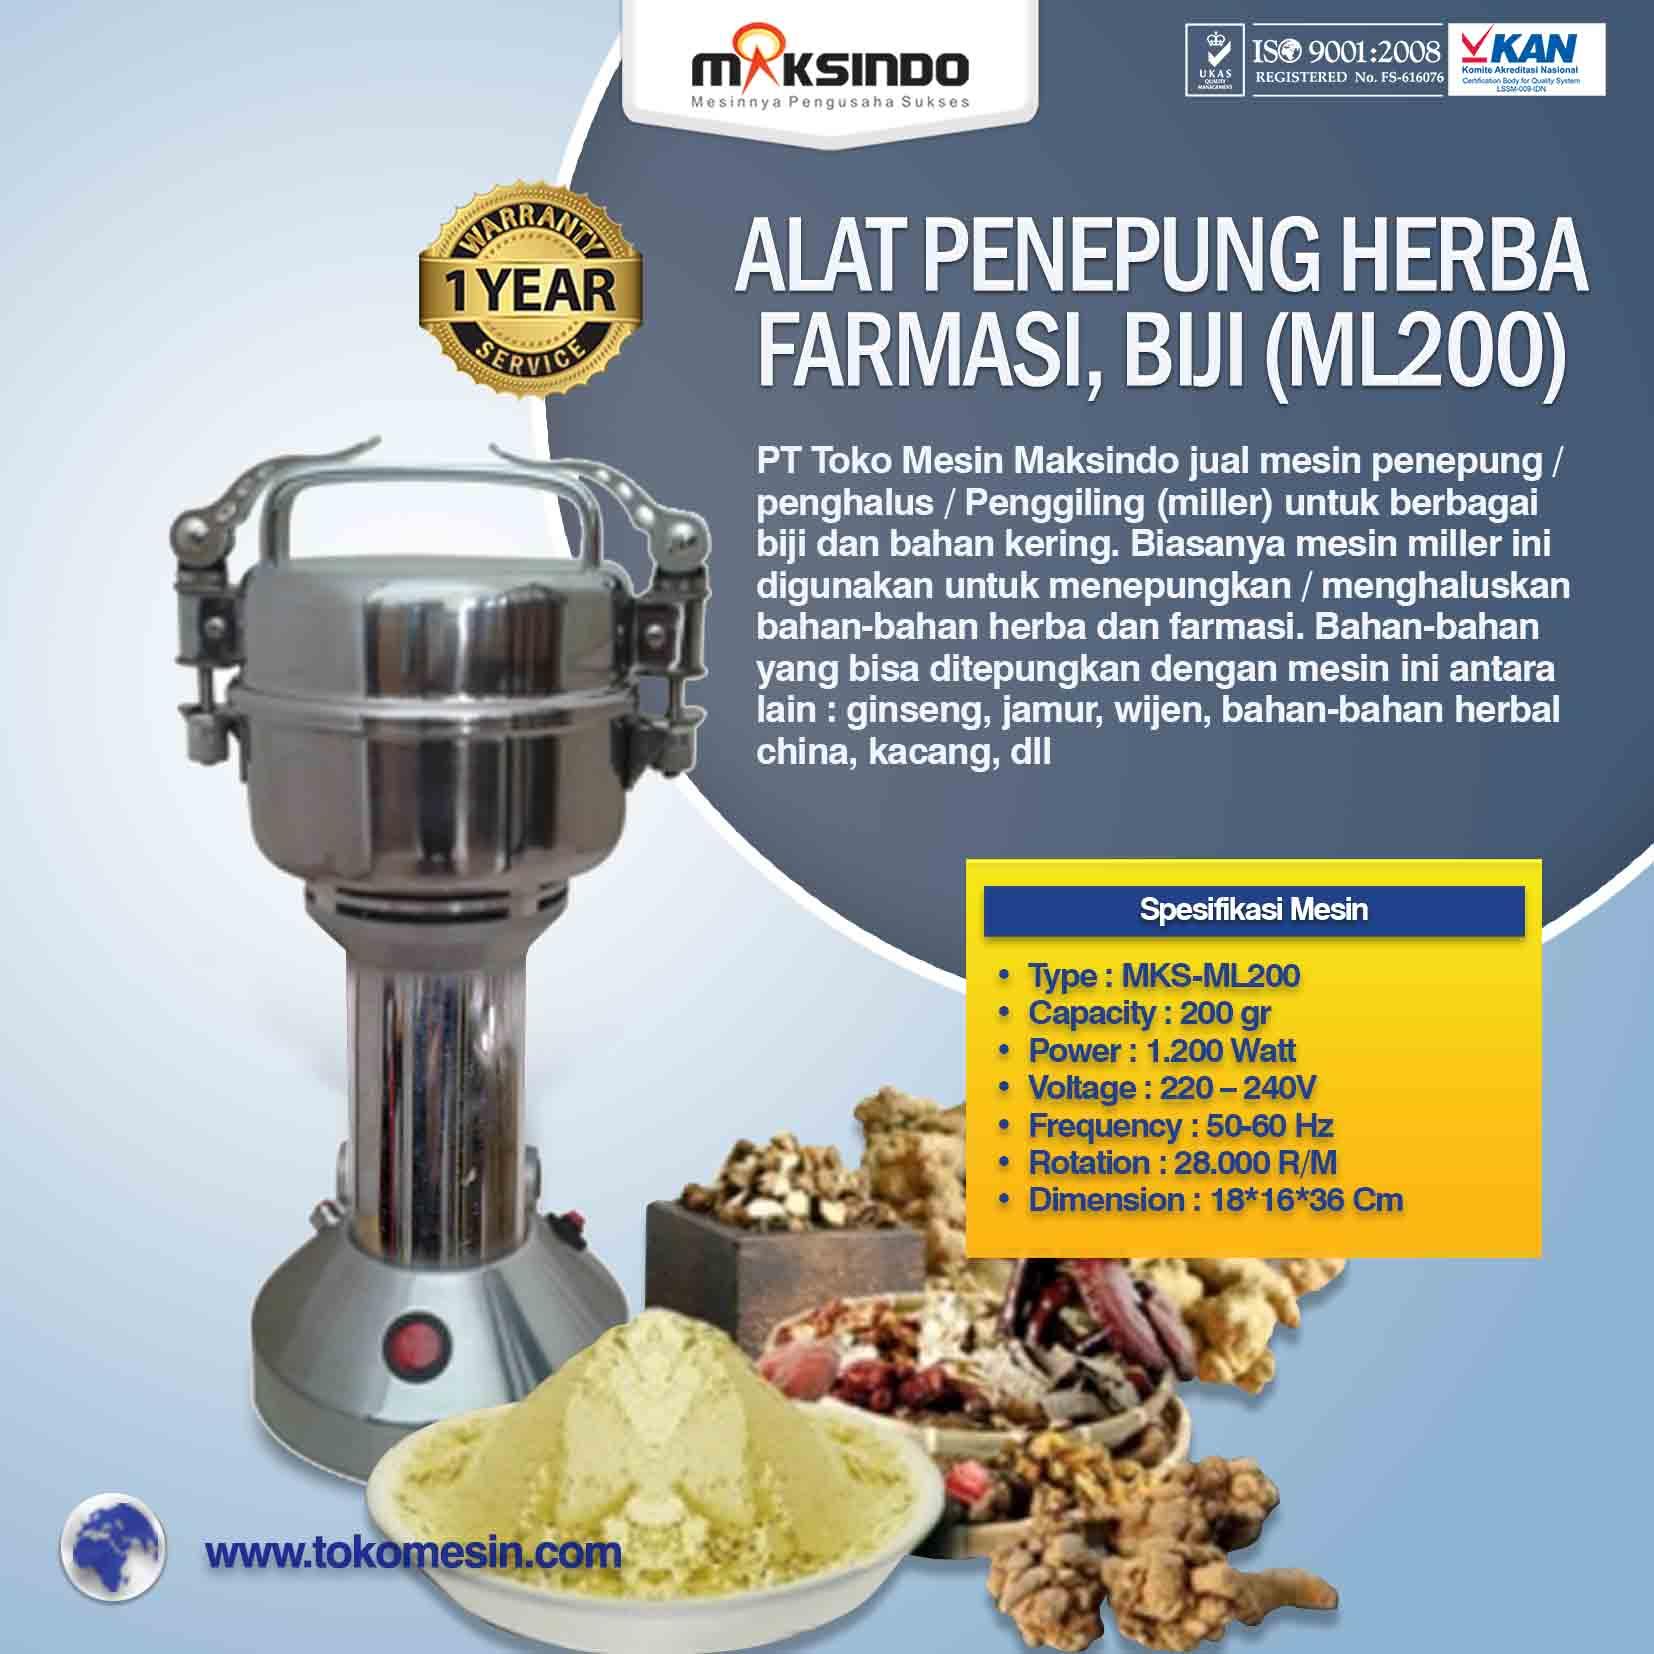 Jual Penepung Herba, Farmasi, Biji (ML200) di Bekasi